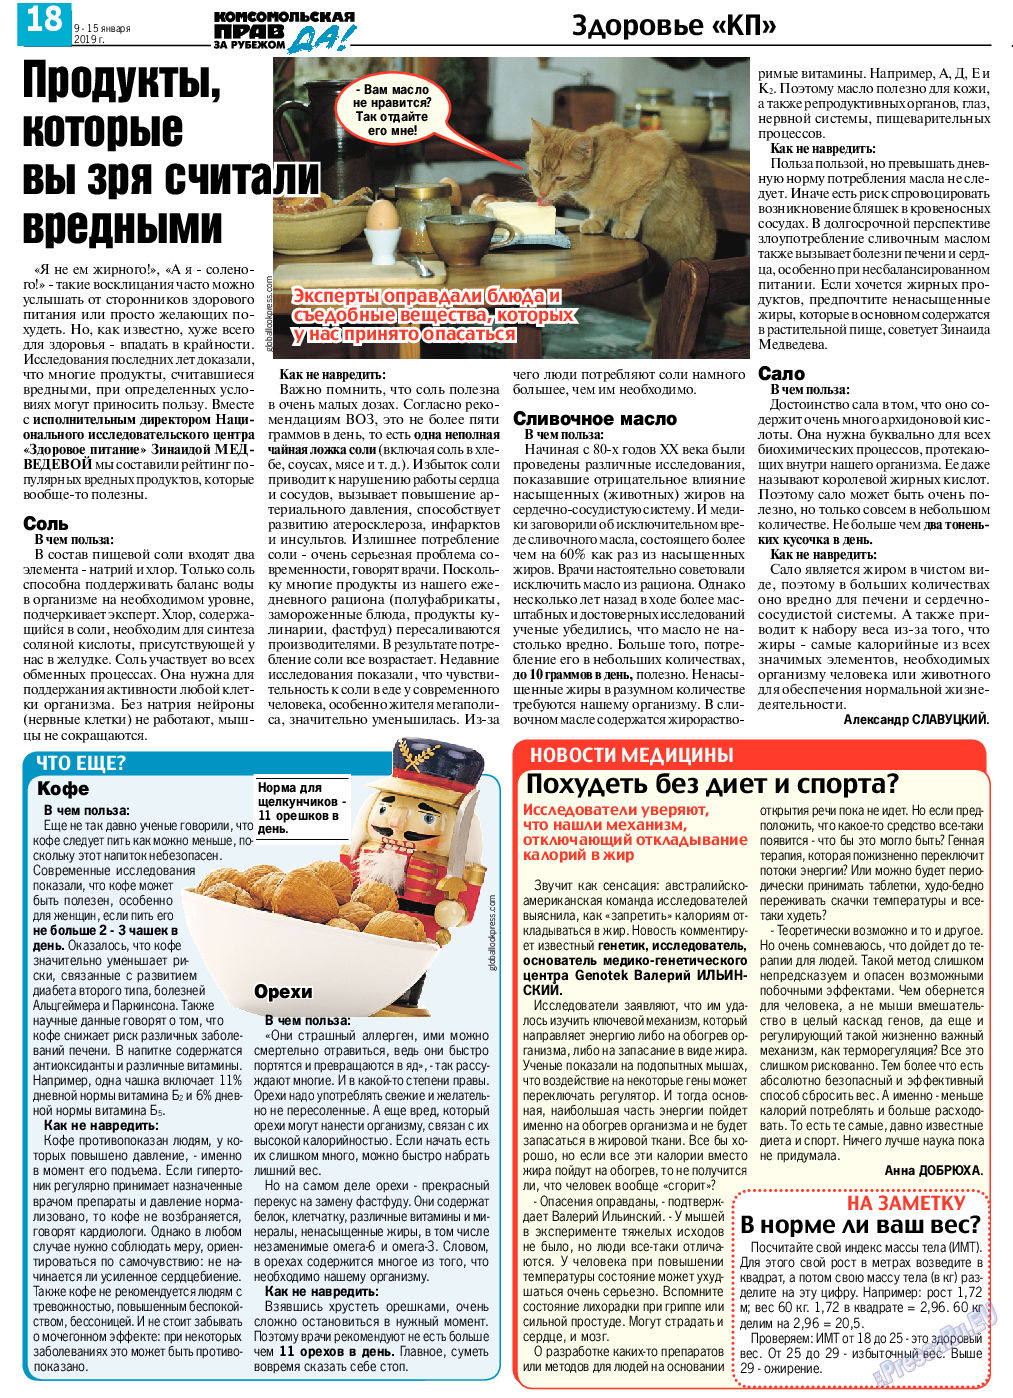 КП в Европе (газета). 2019 год, номер 2, стр. 18